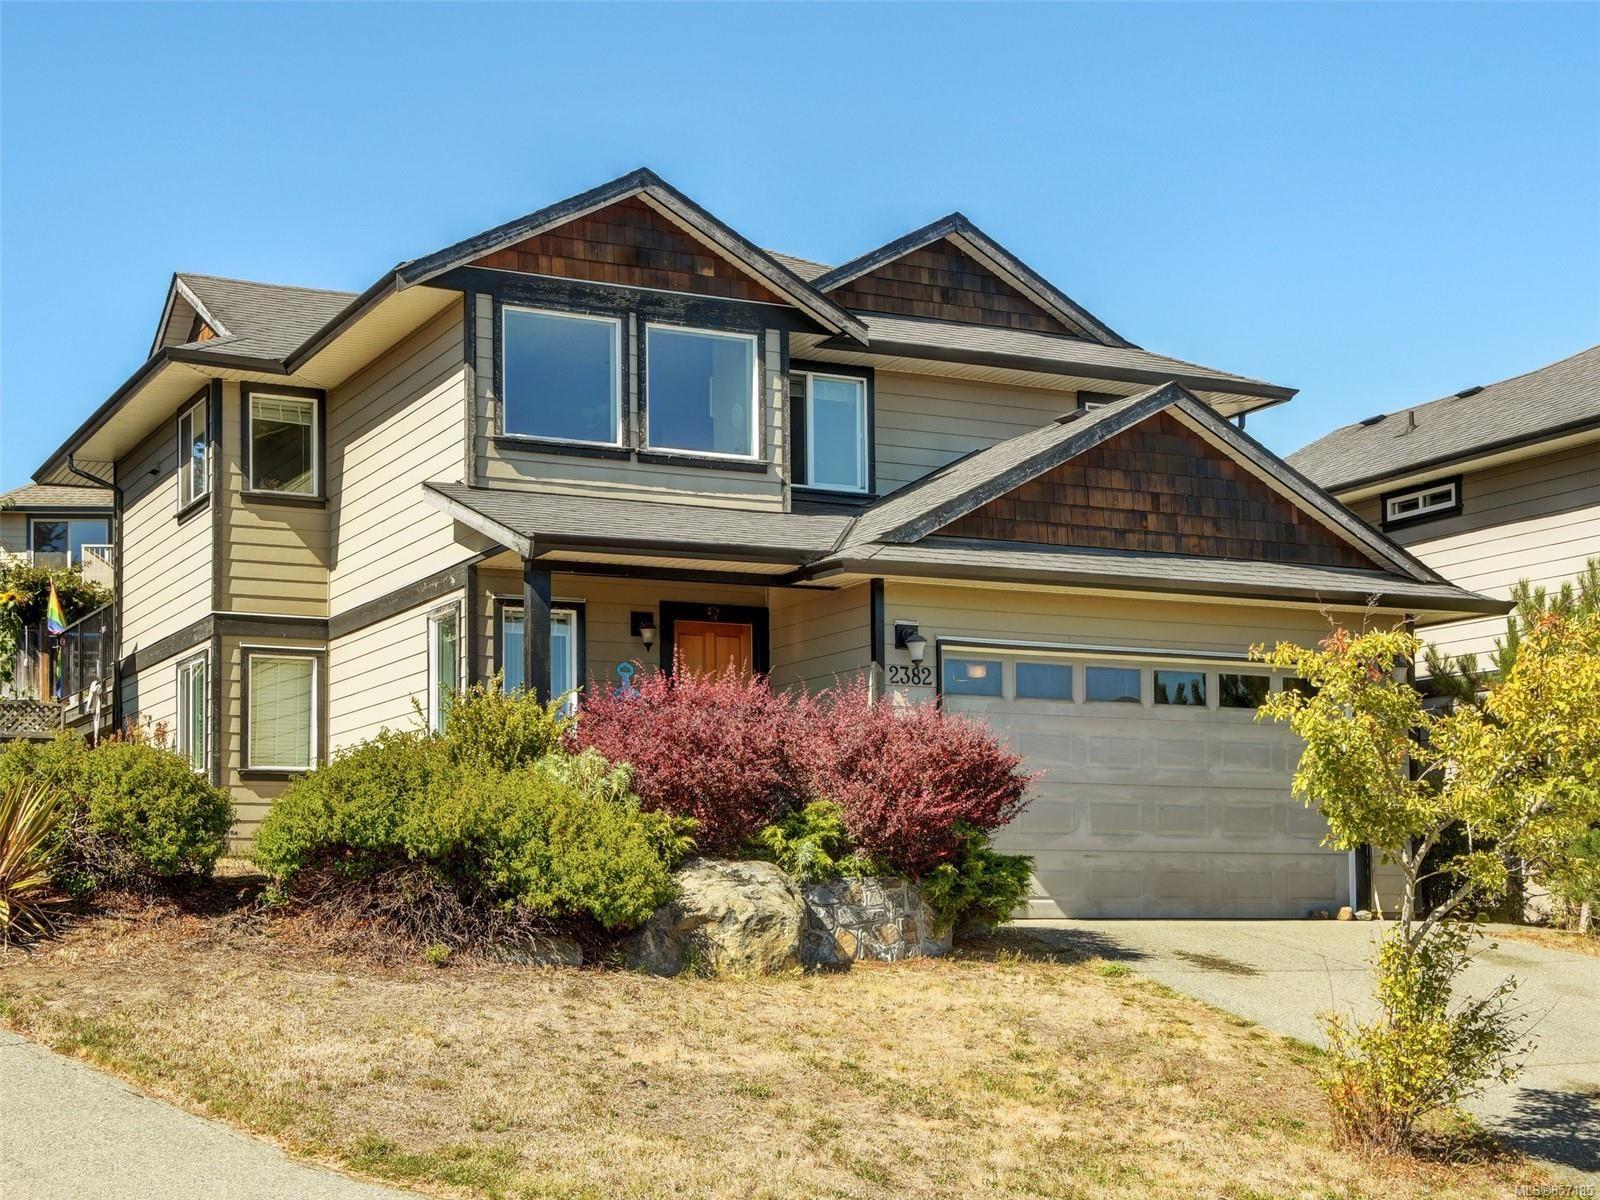 Main Photo: 2382 Caffery Pl in : Sk Sooke Vill Core House for sale (Sooke)  : MLS®# 857185